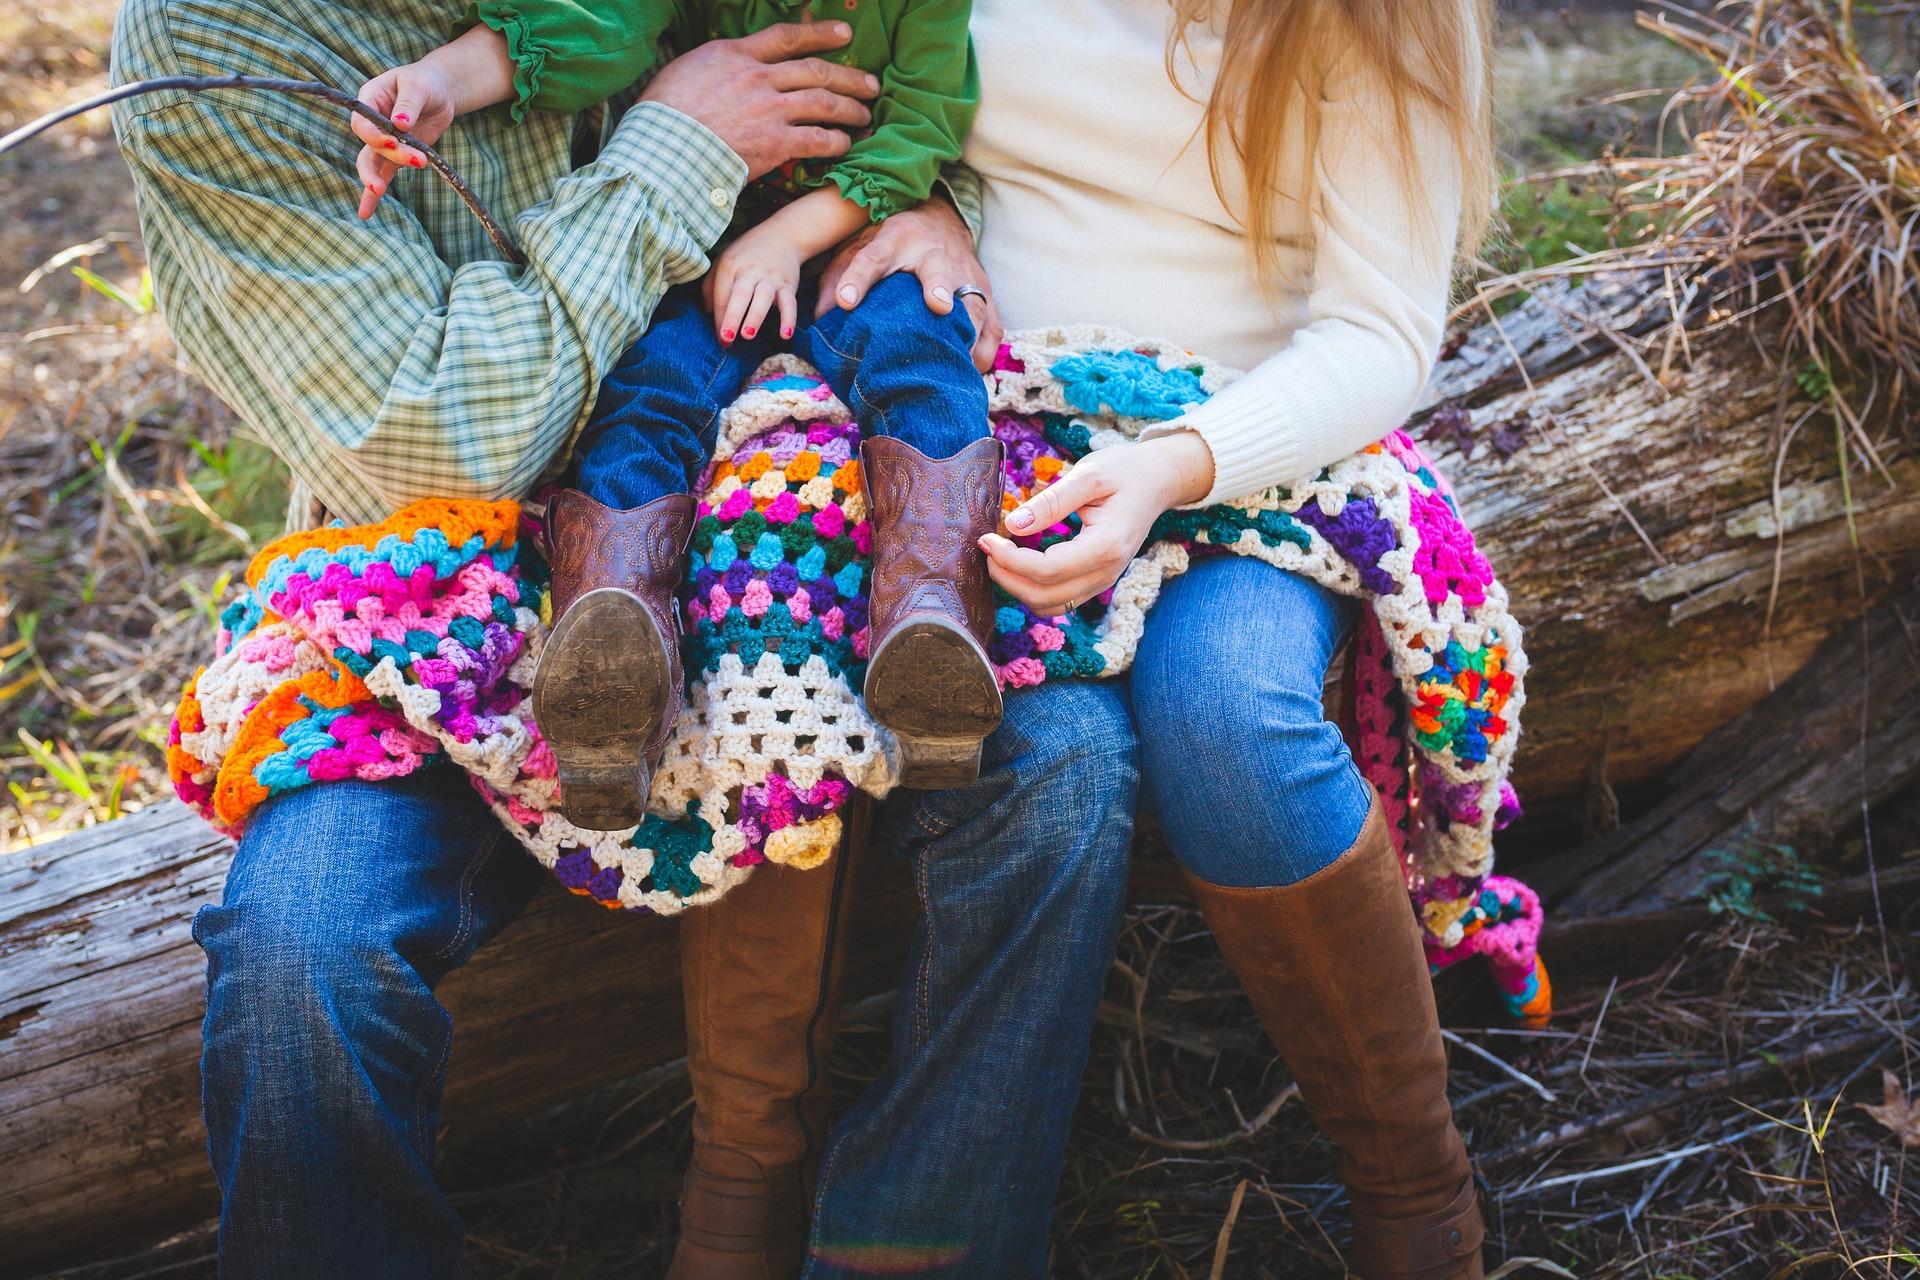 円満な家族の写真